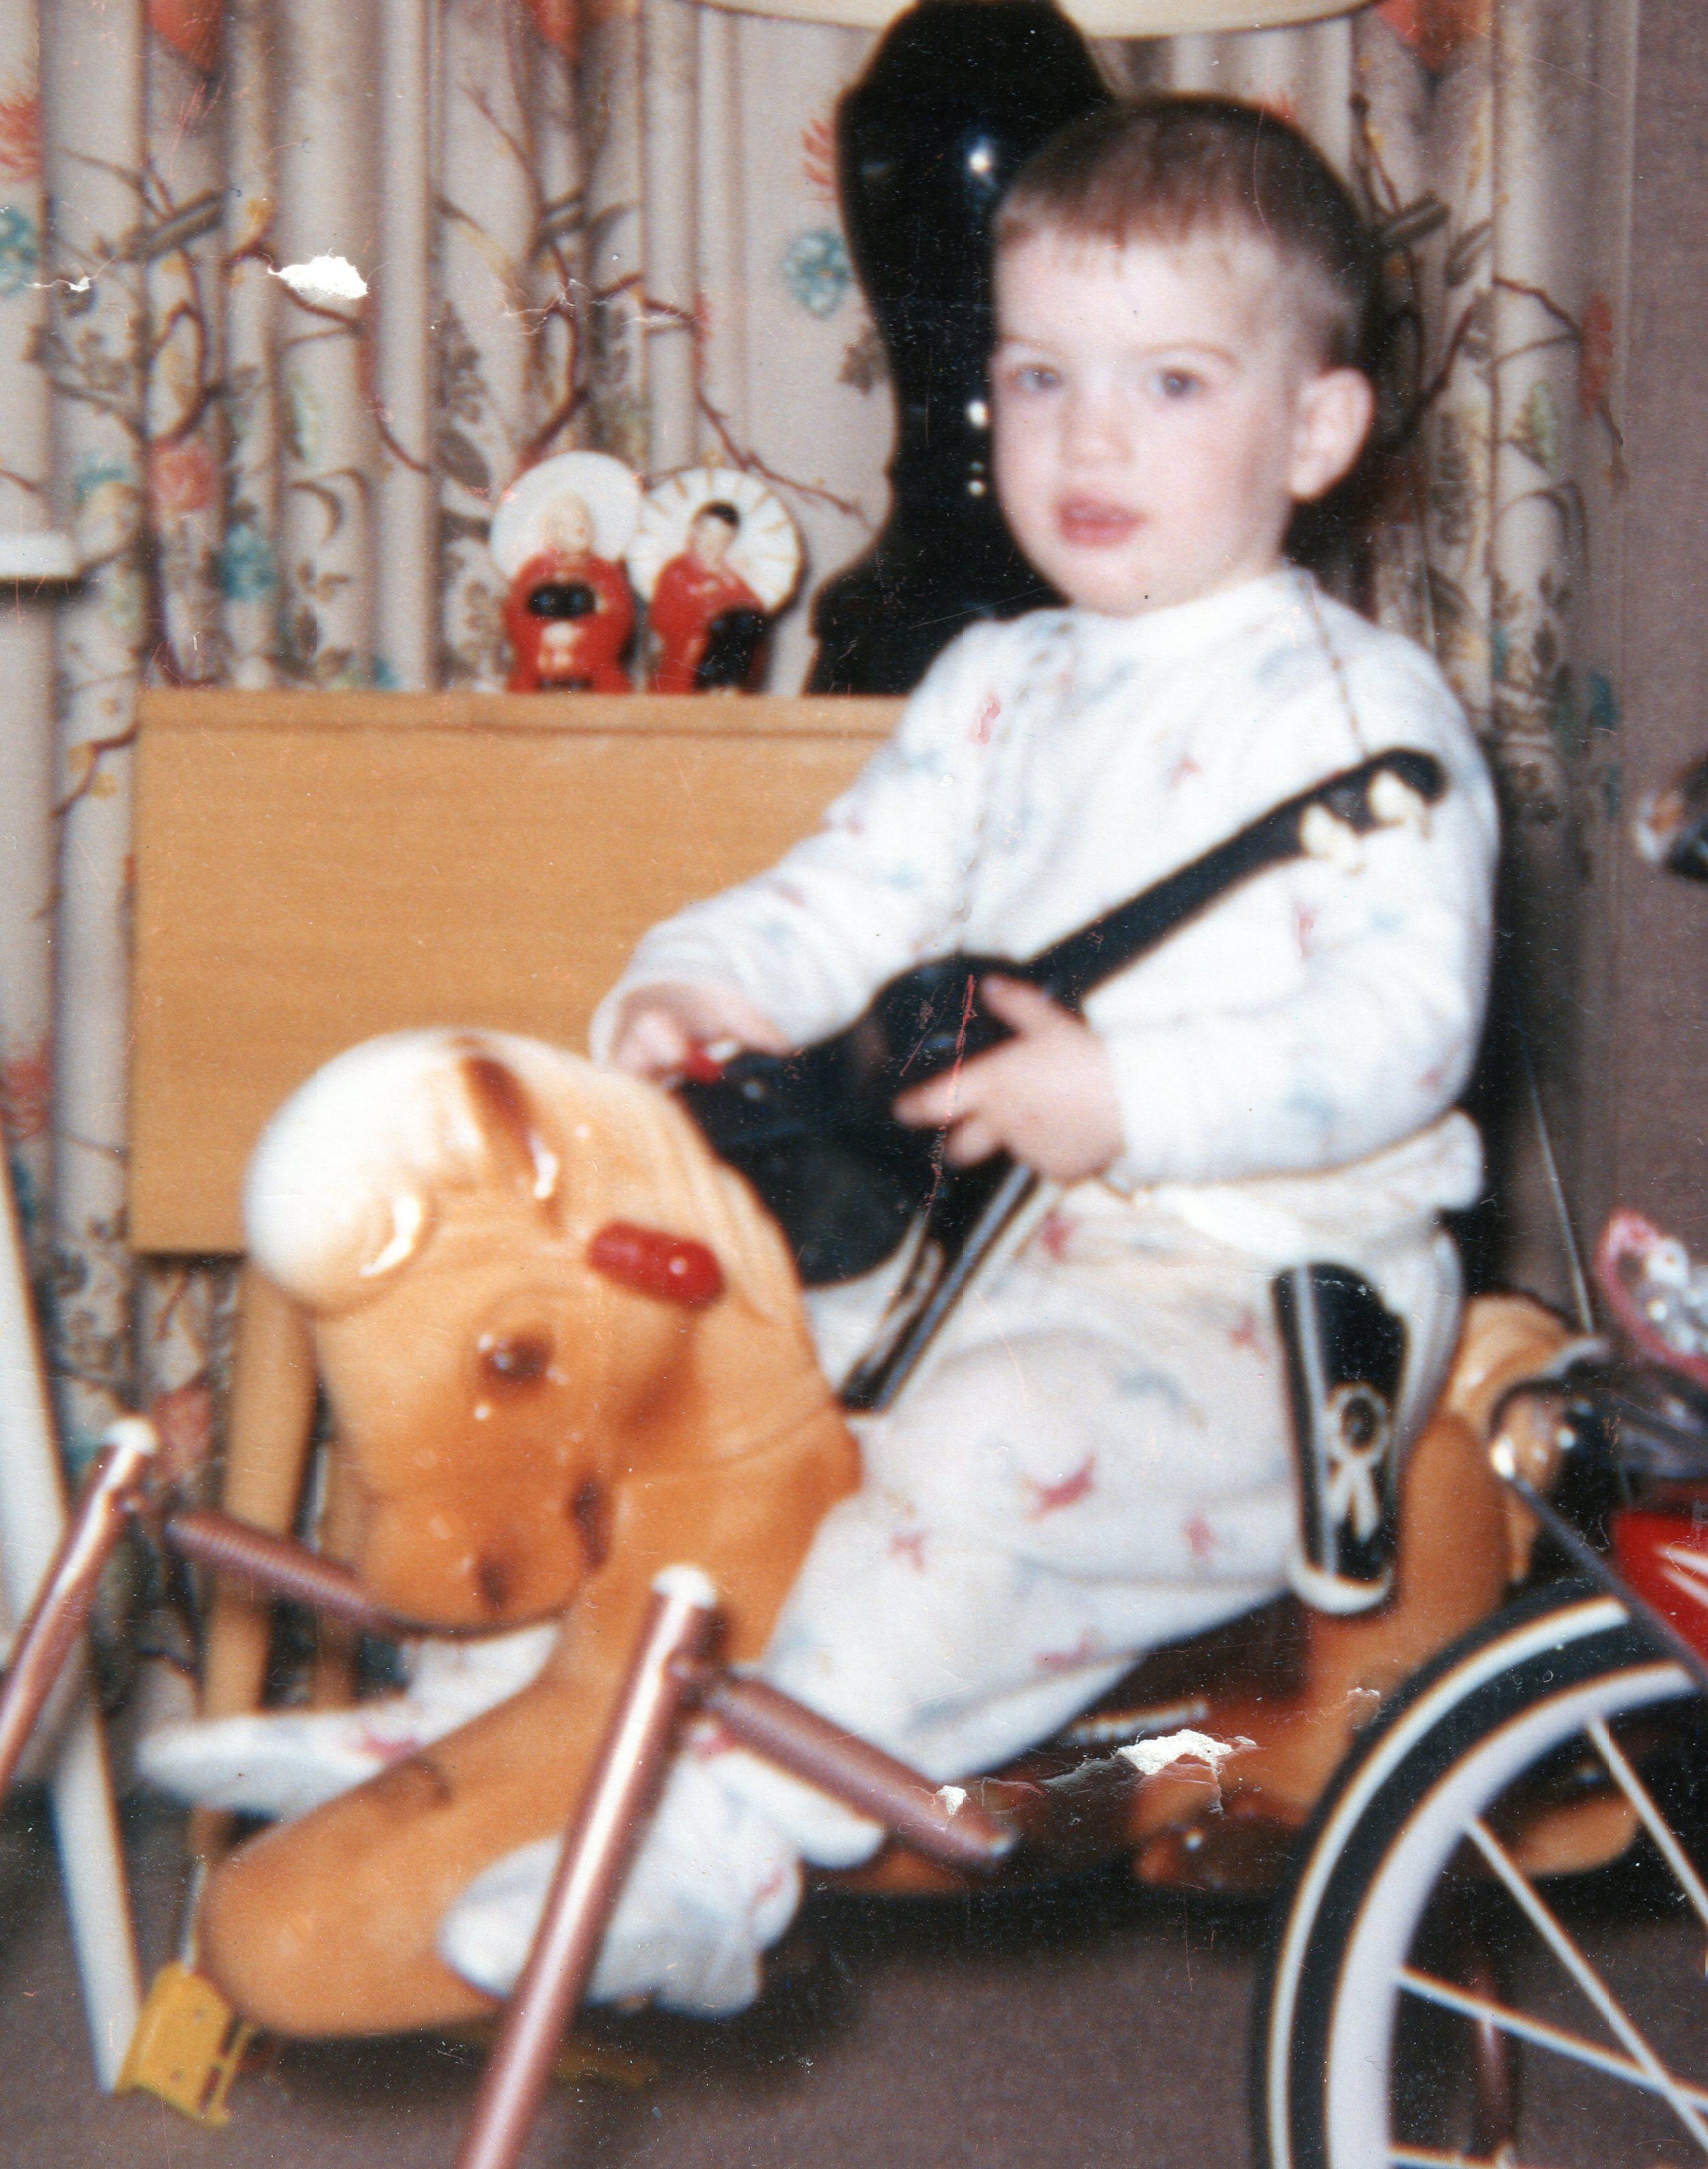 MG baby photo %22Guitar%22004.jpg